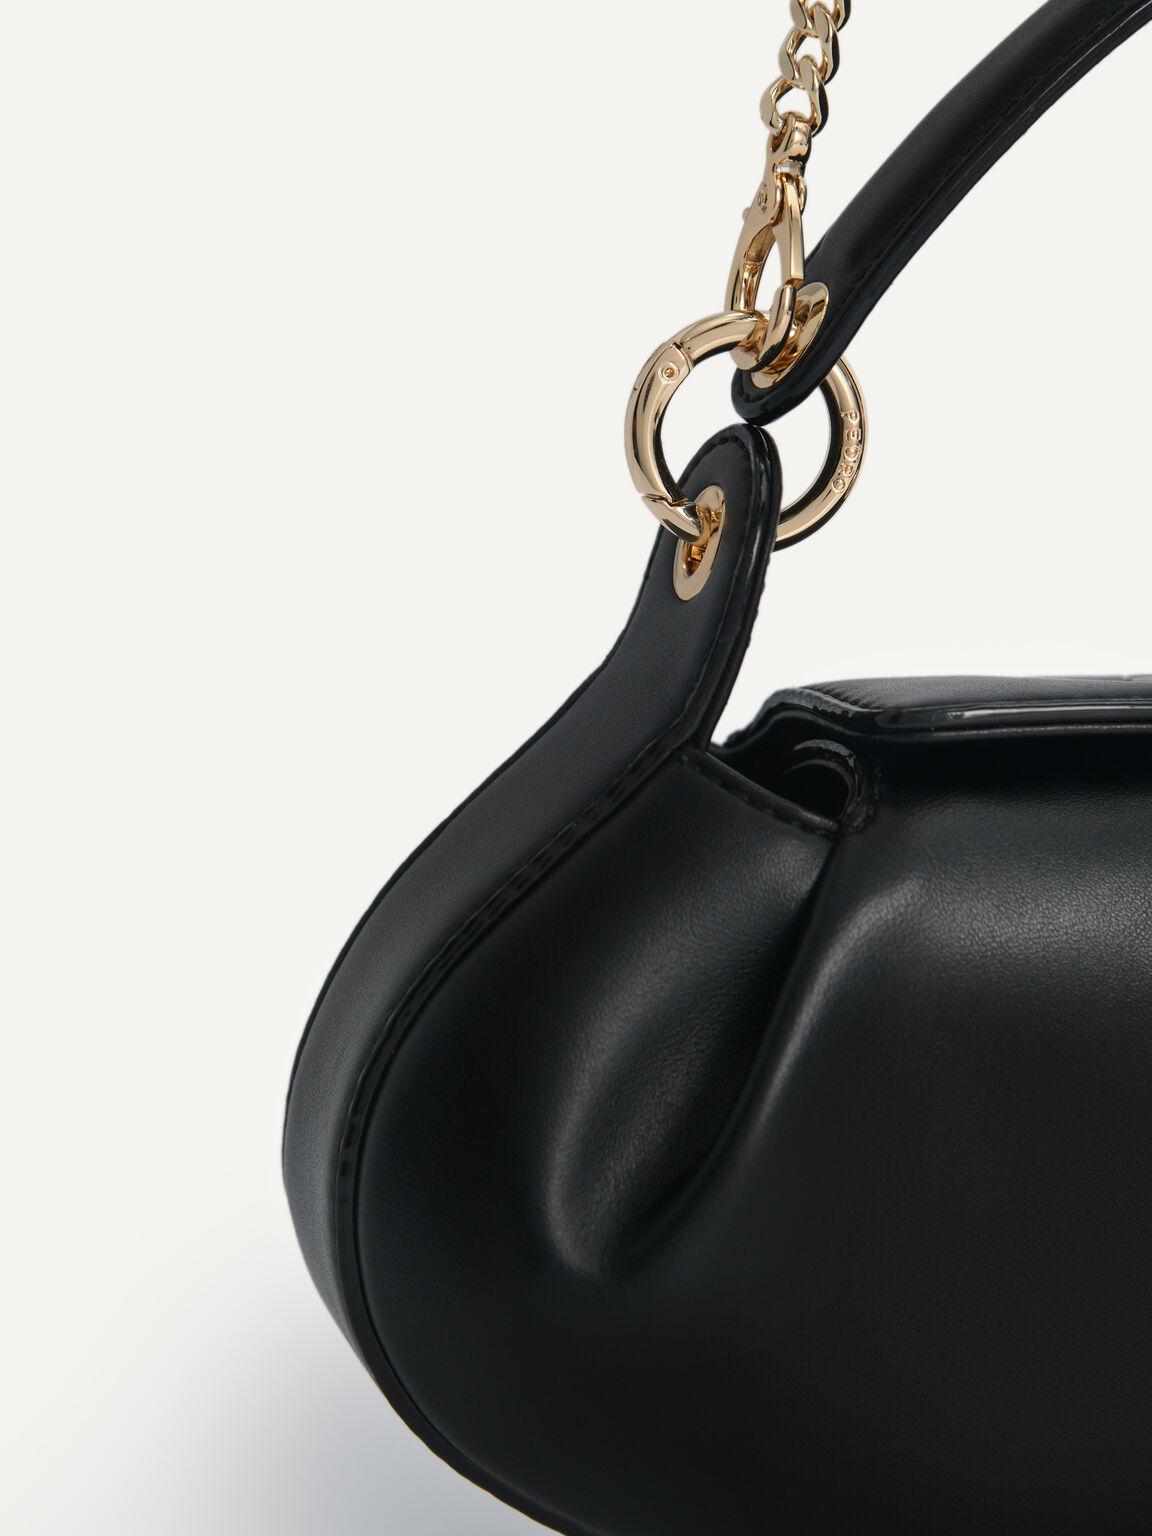 Oval Shoulder Bag, Black, hi-res